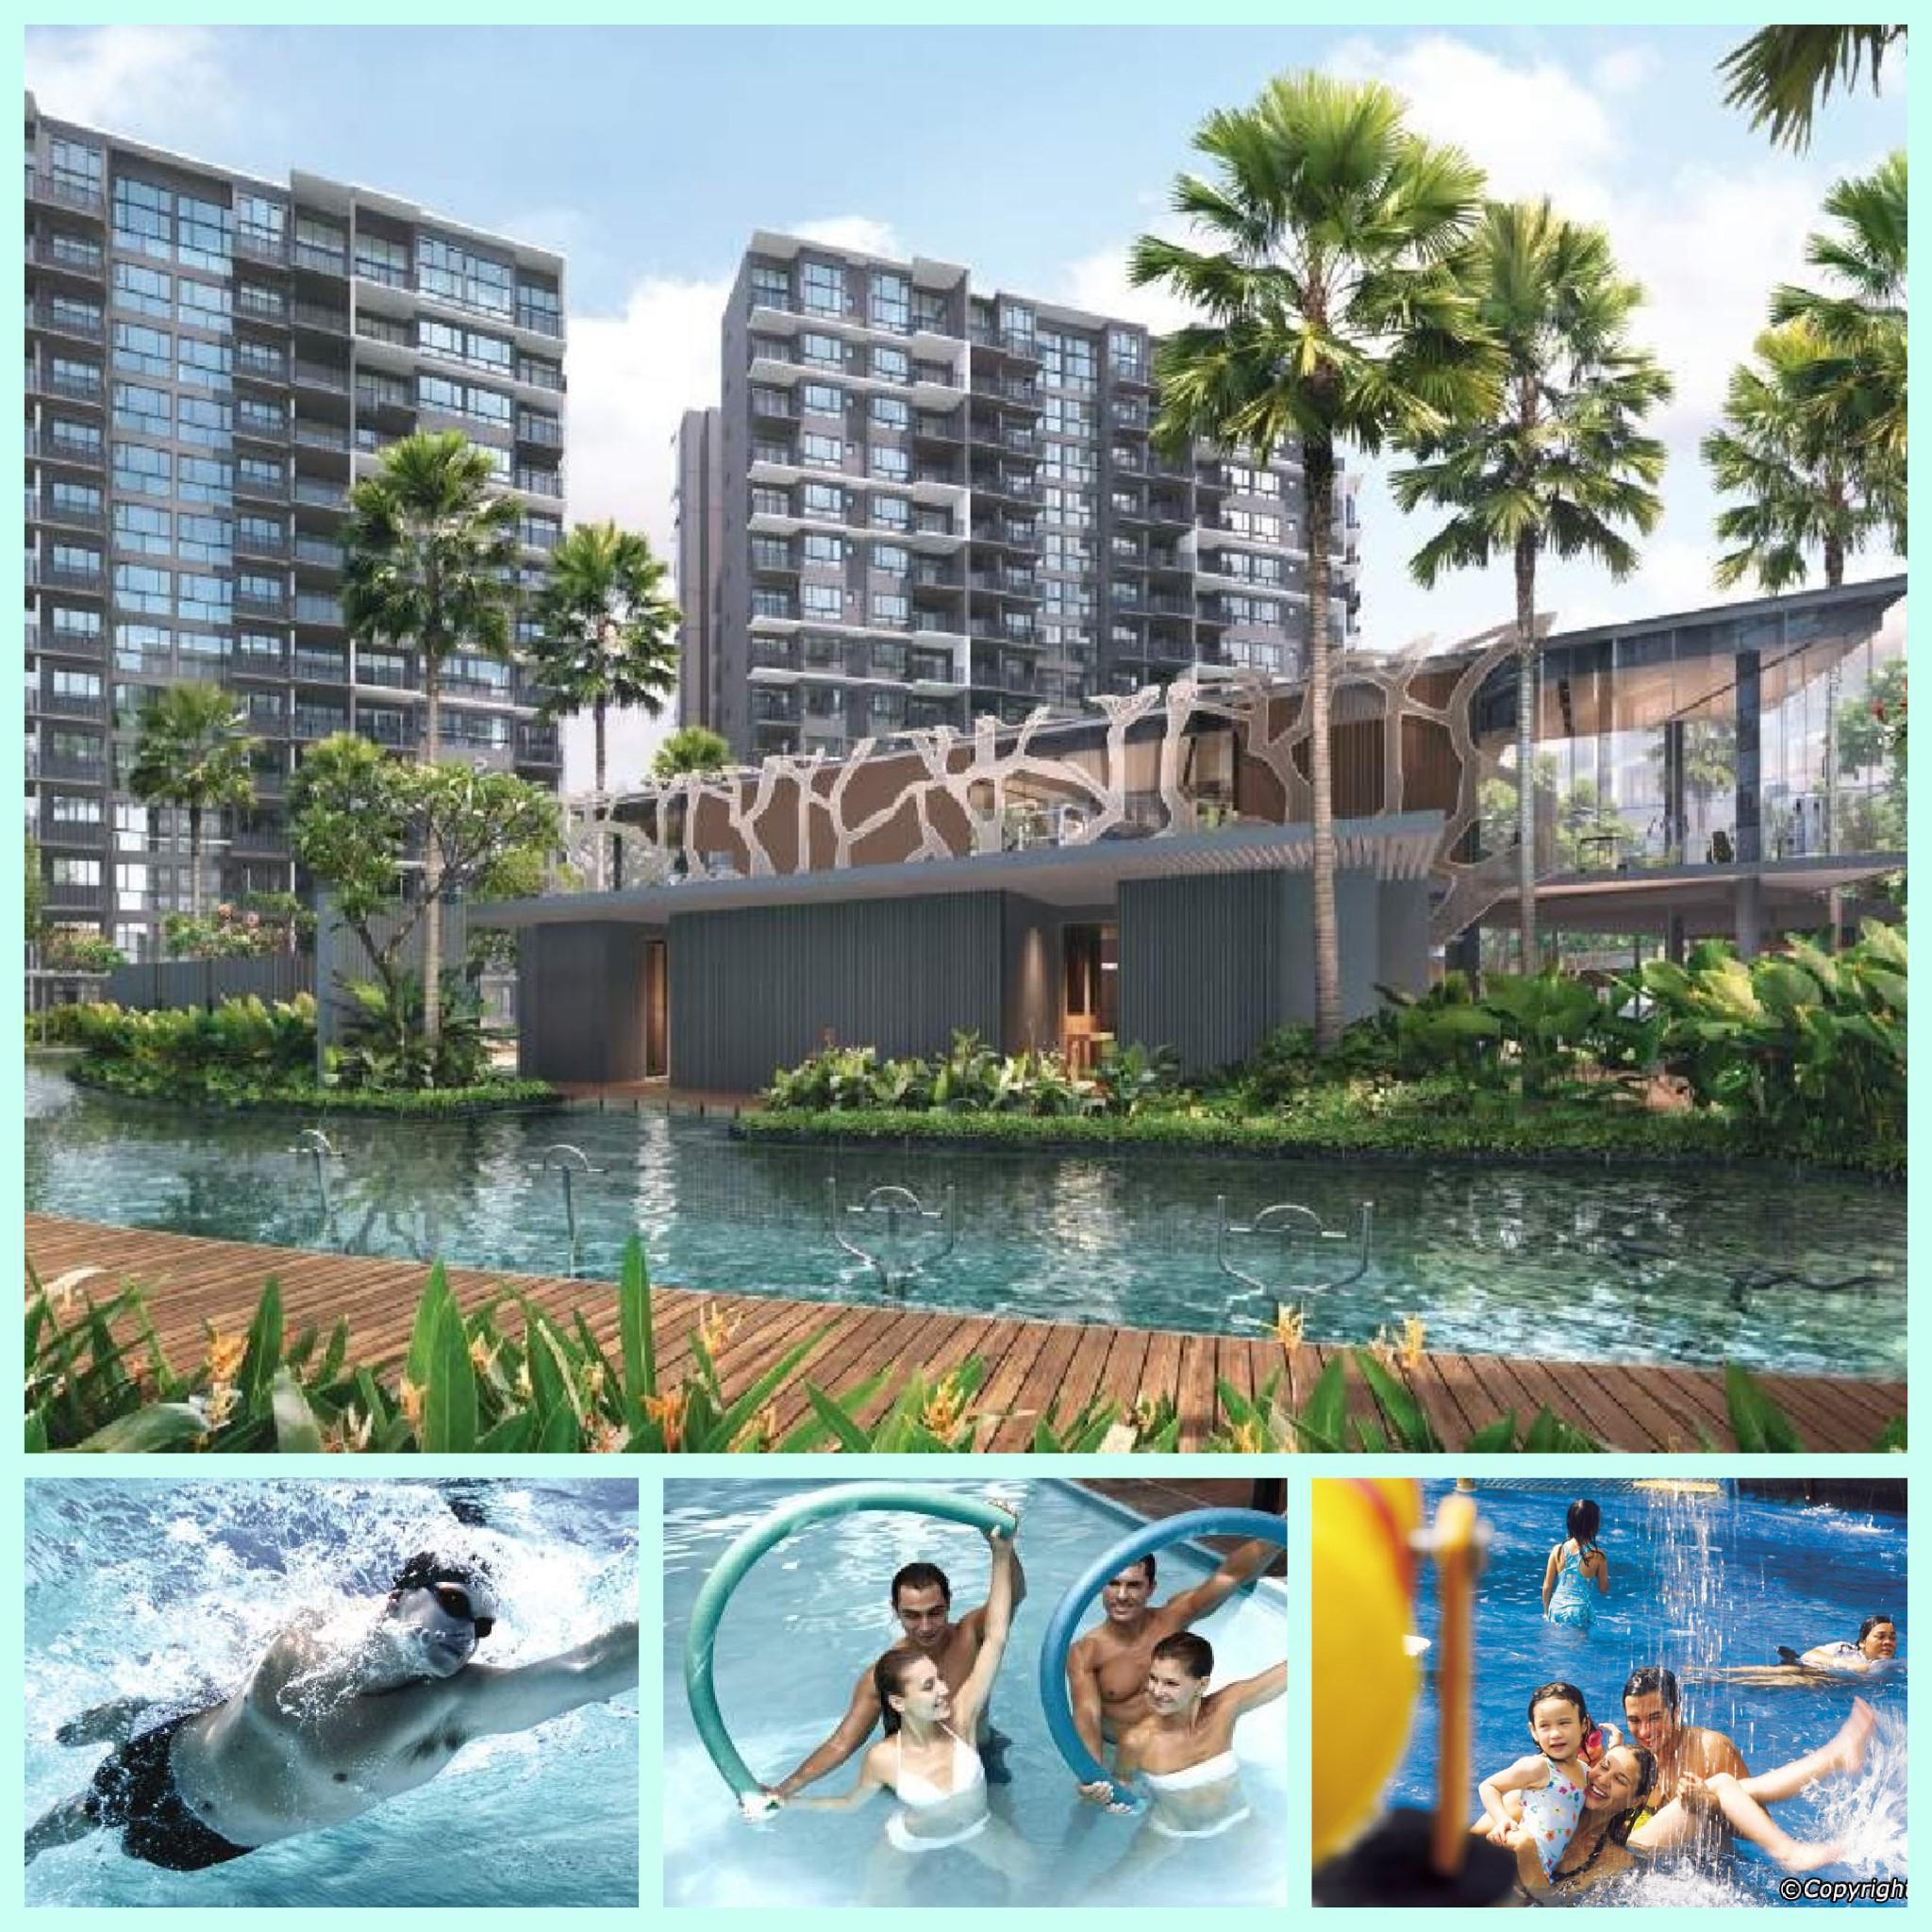 Grandeur Park Residences water facilities